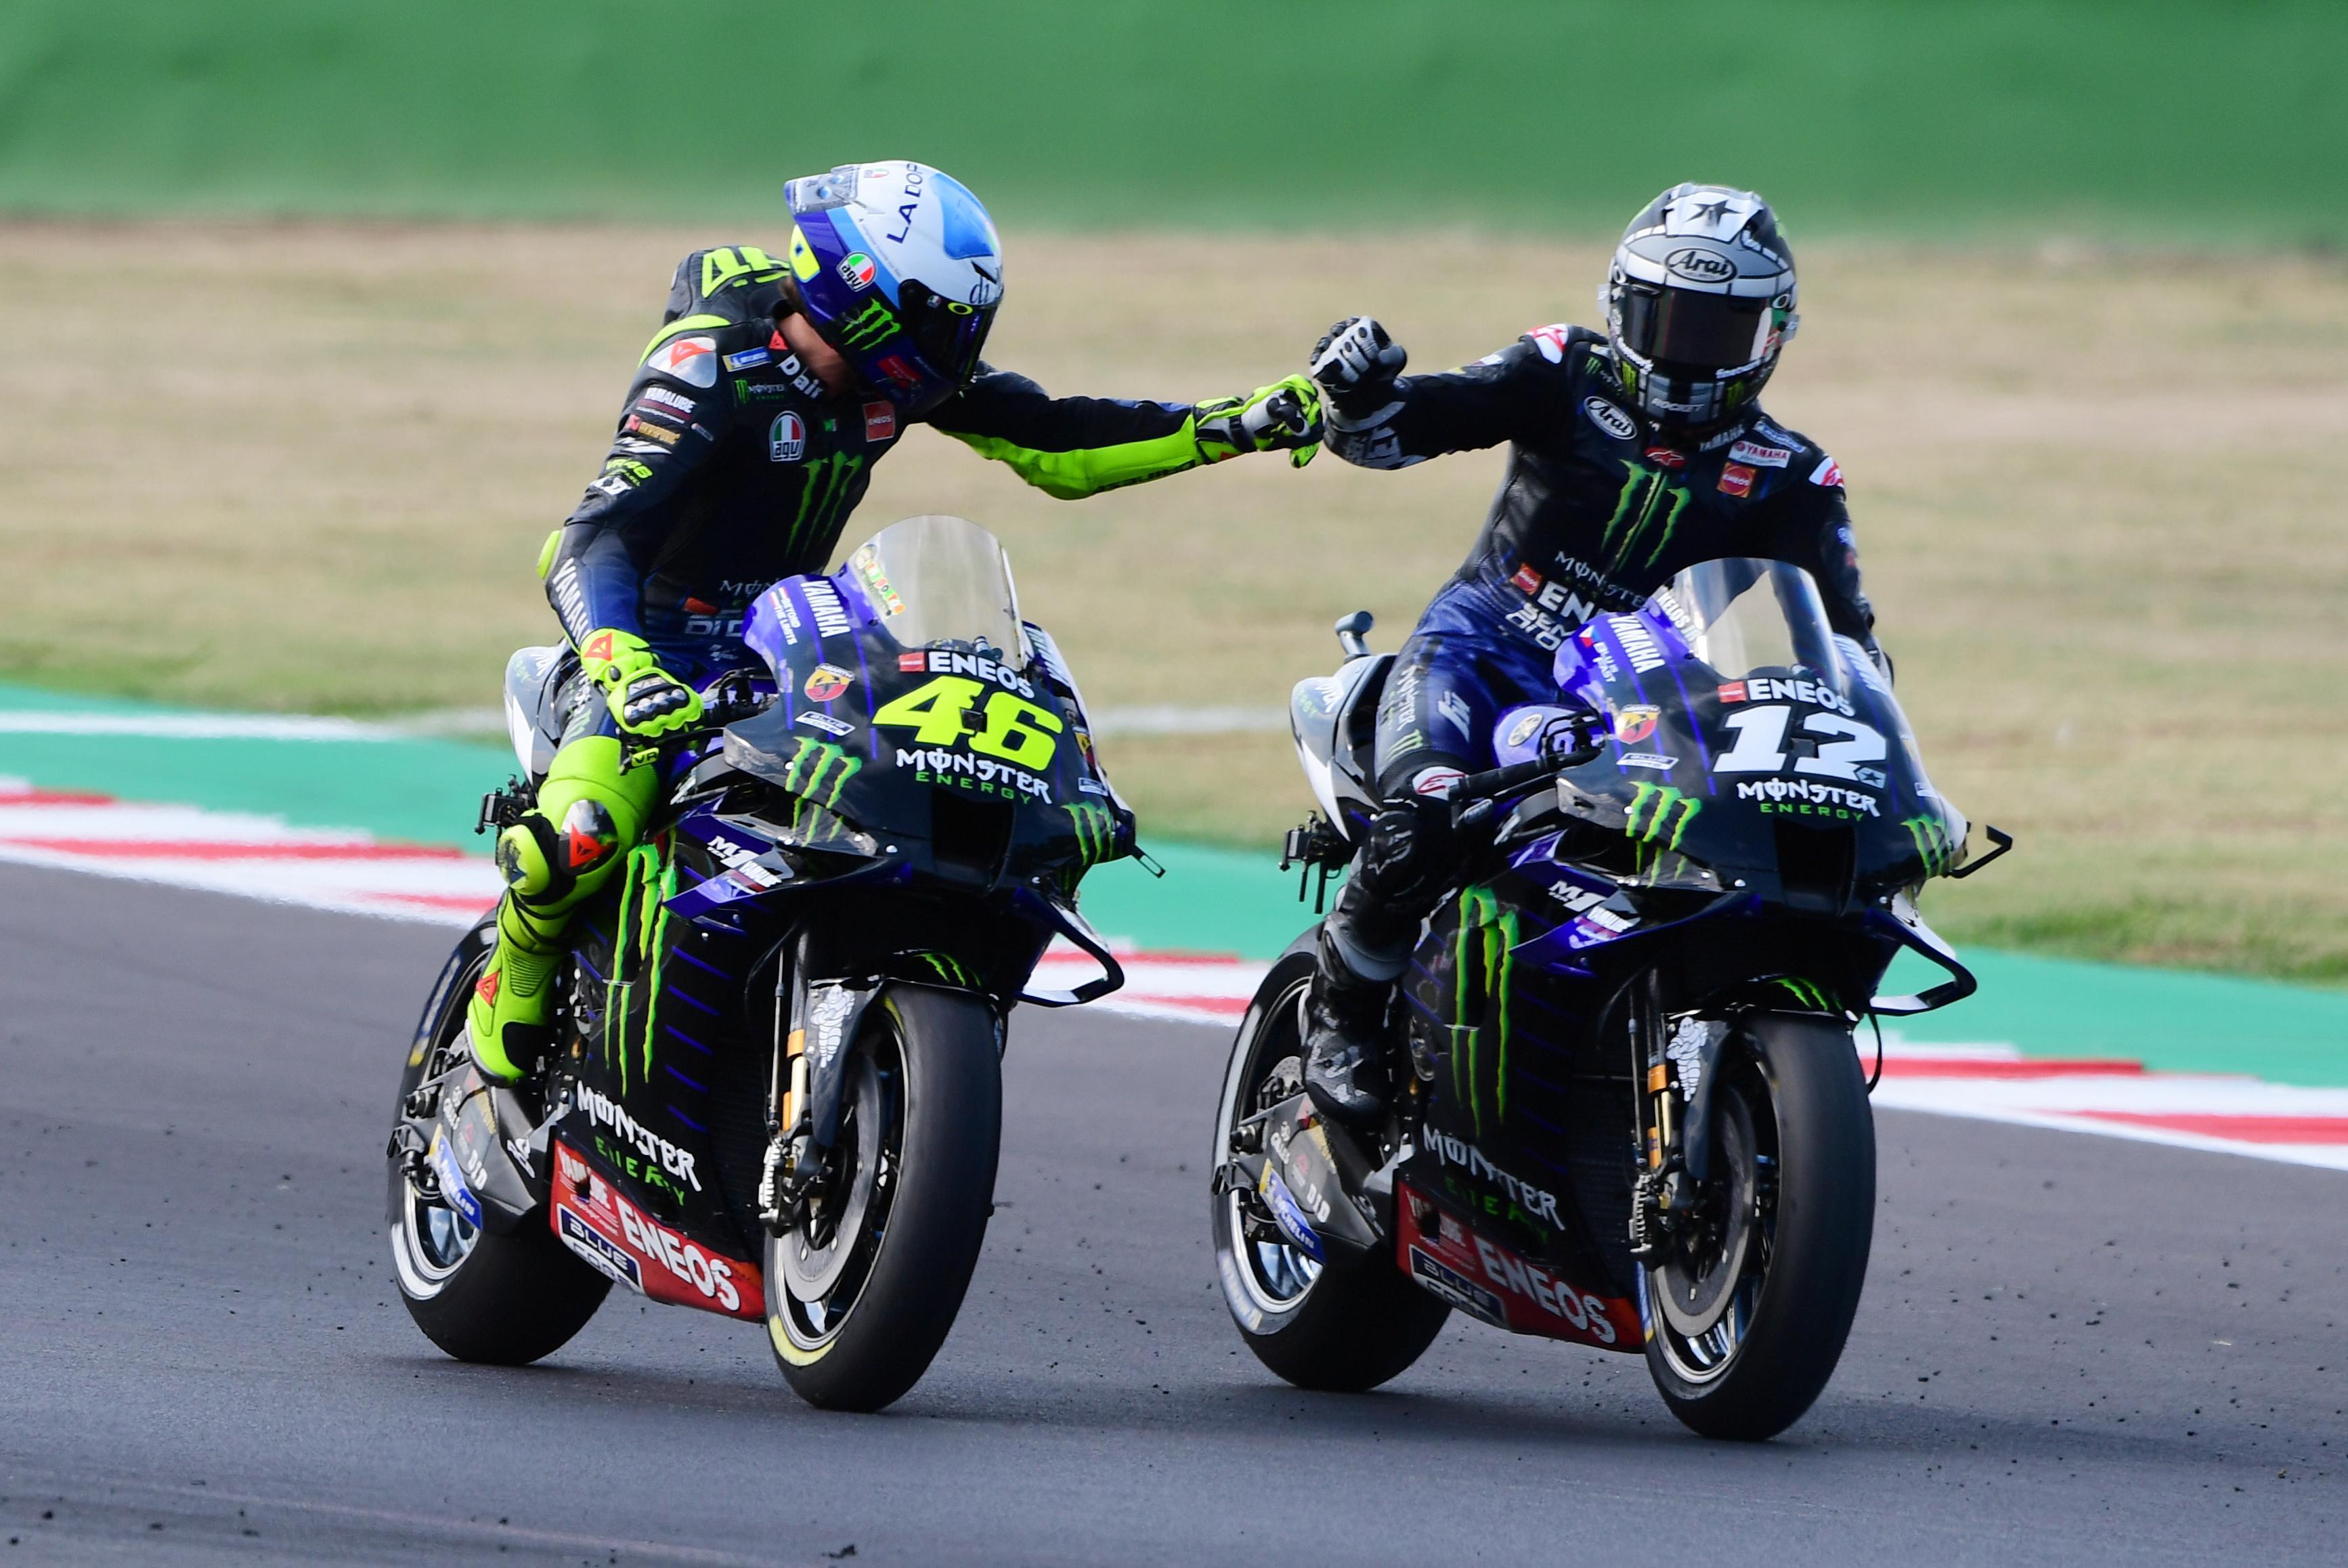 MotoGP: Vinales startet in Misano neuerlich von ganz vorne